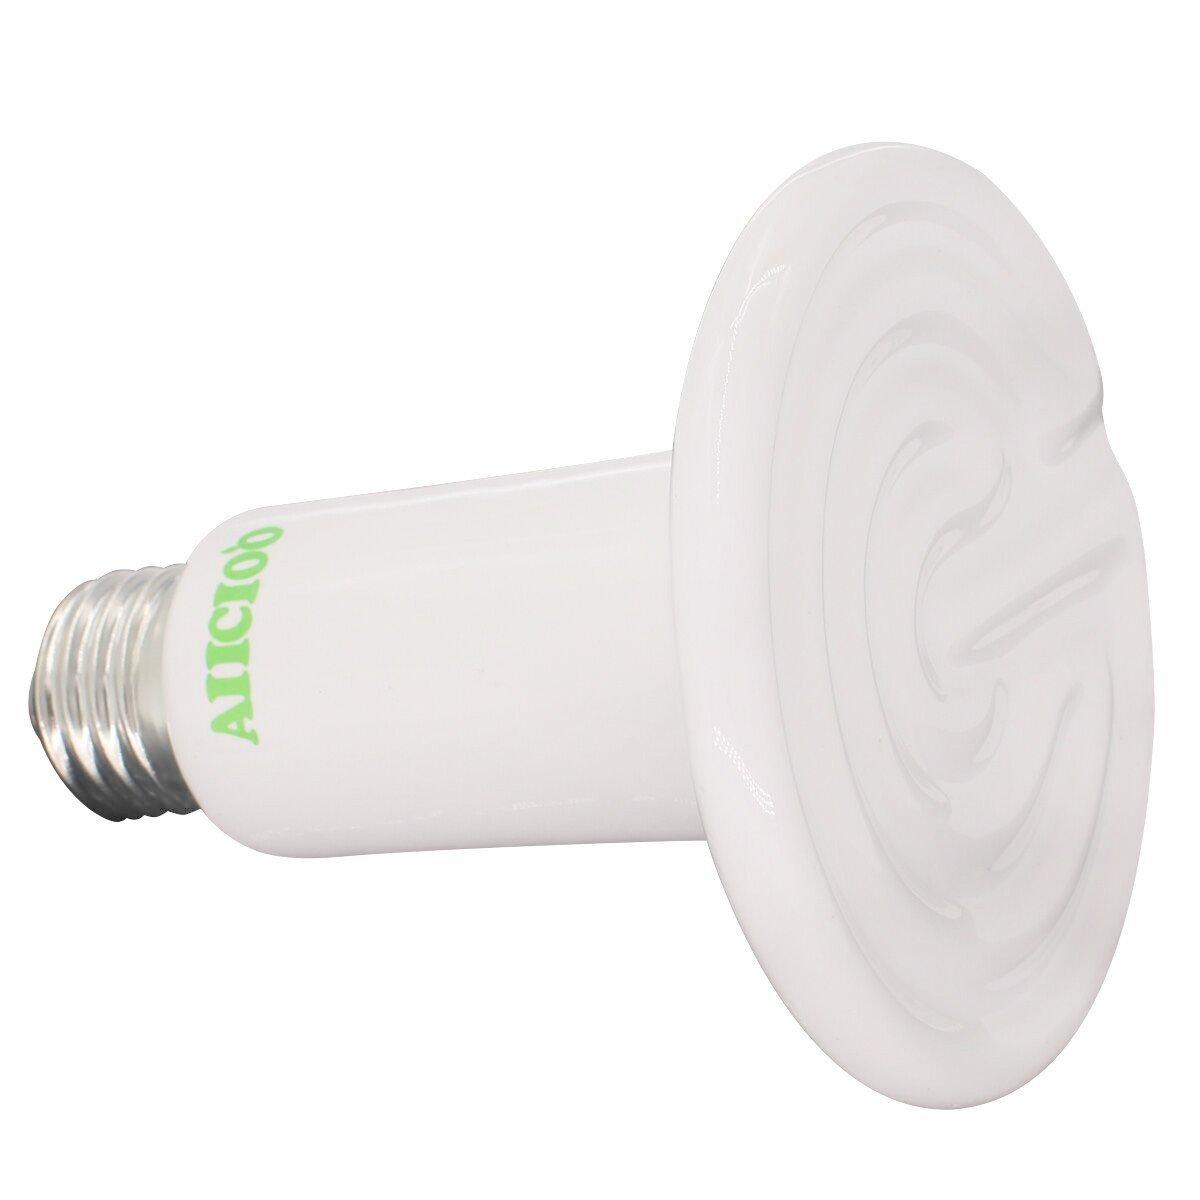 Aiicioo 110v 150 Watt Reptile Ceramic Infrared Heat Emitter Brooder Heater Lamp Bulb - White